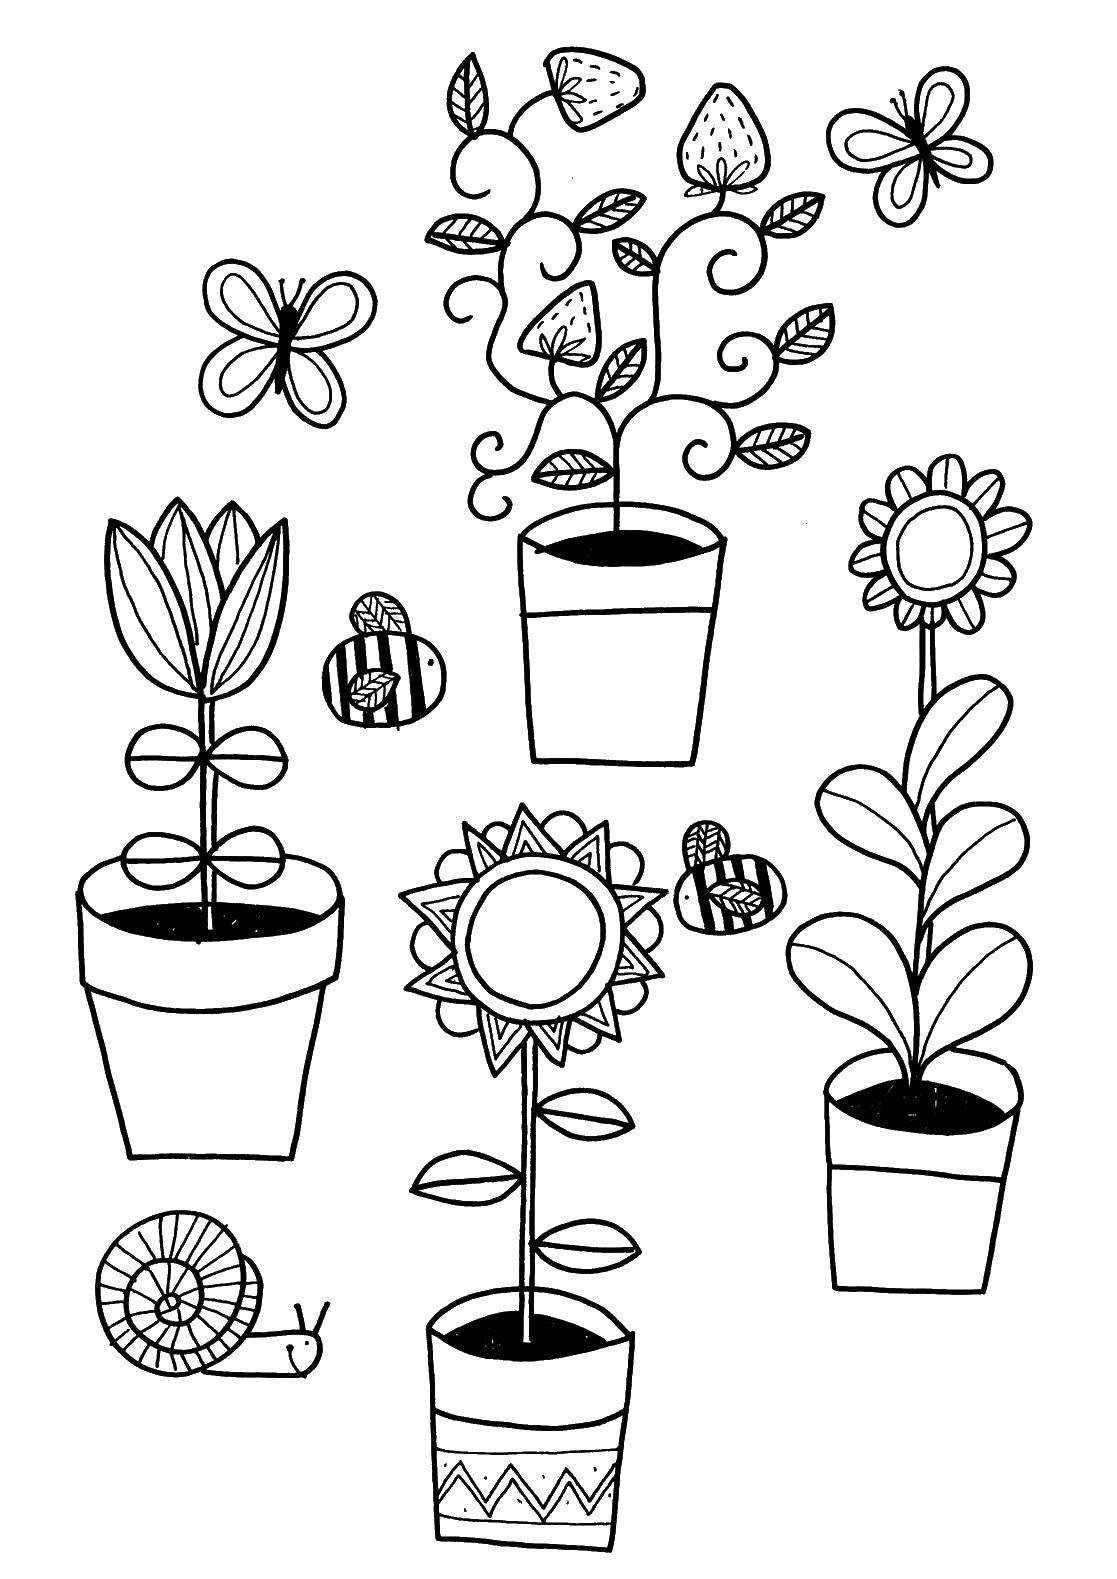 картинка цветочный горшок с растением раскраска для